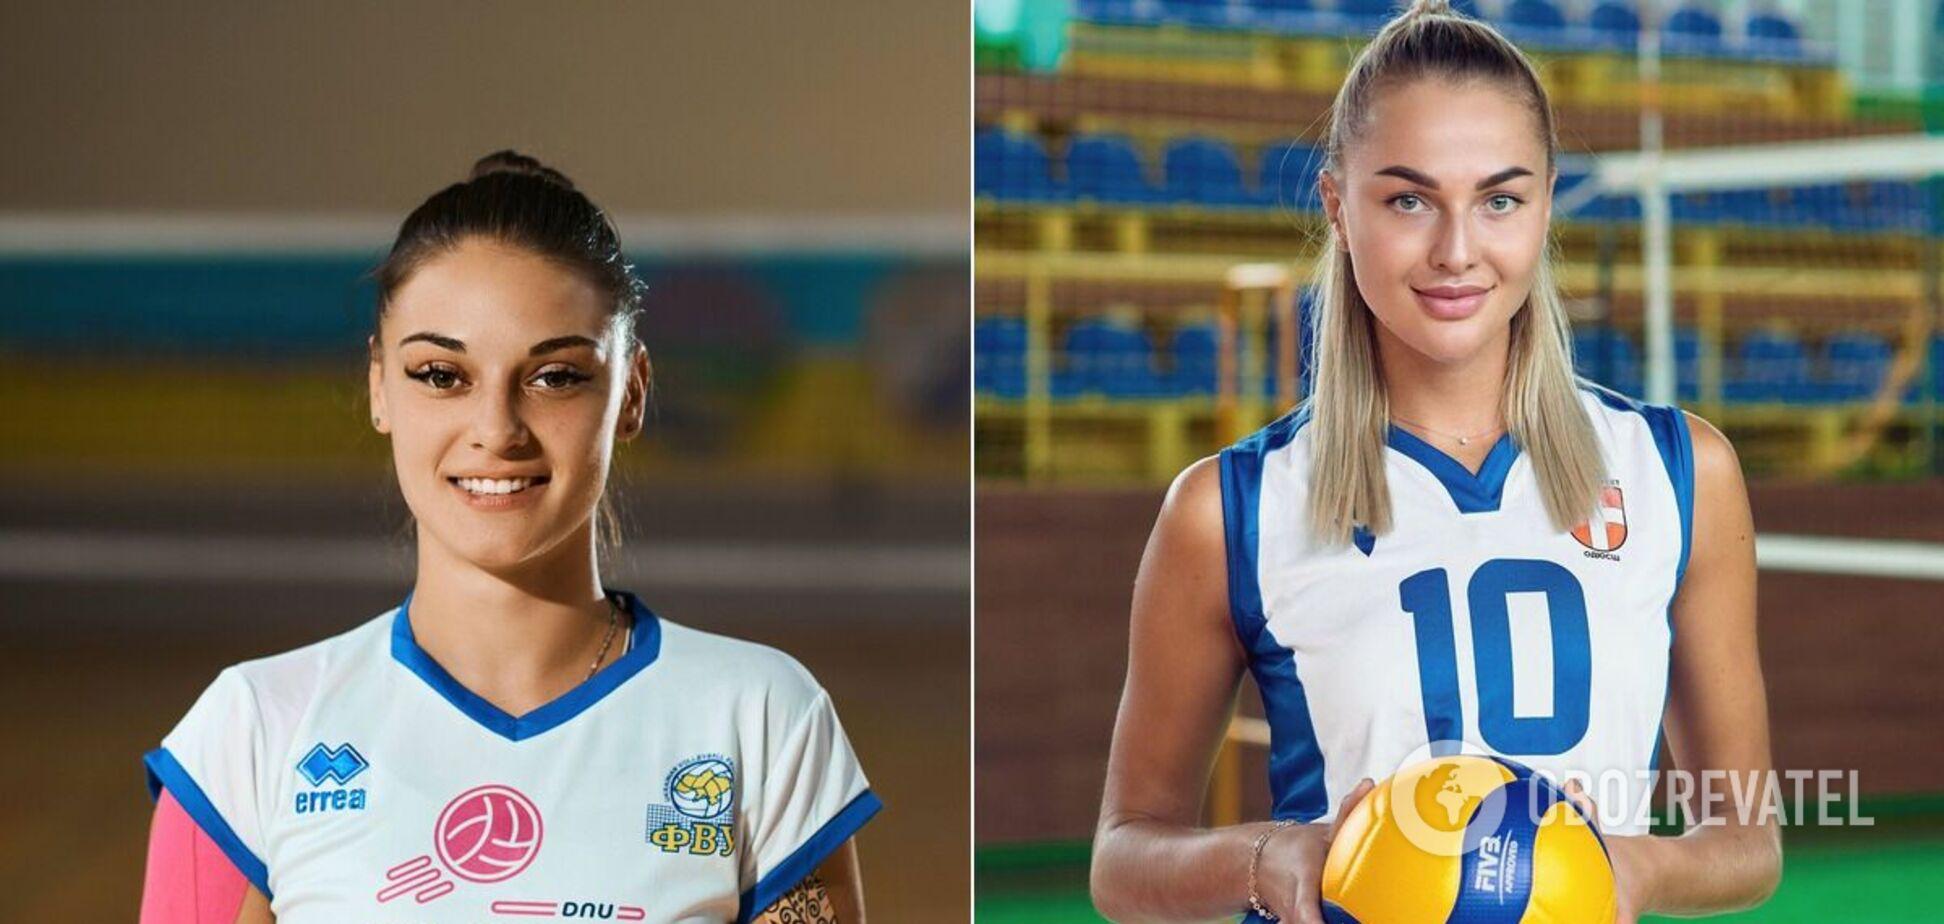 Дарья Перетятько и Людмила Осадчук (слева направо)